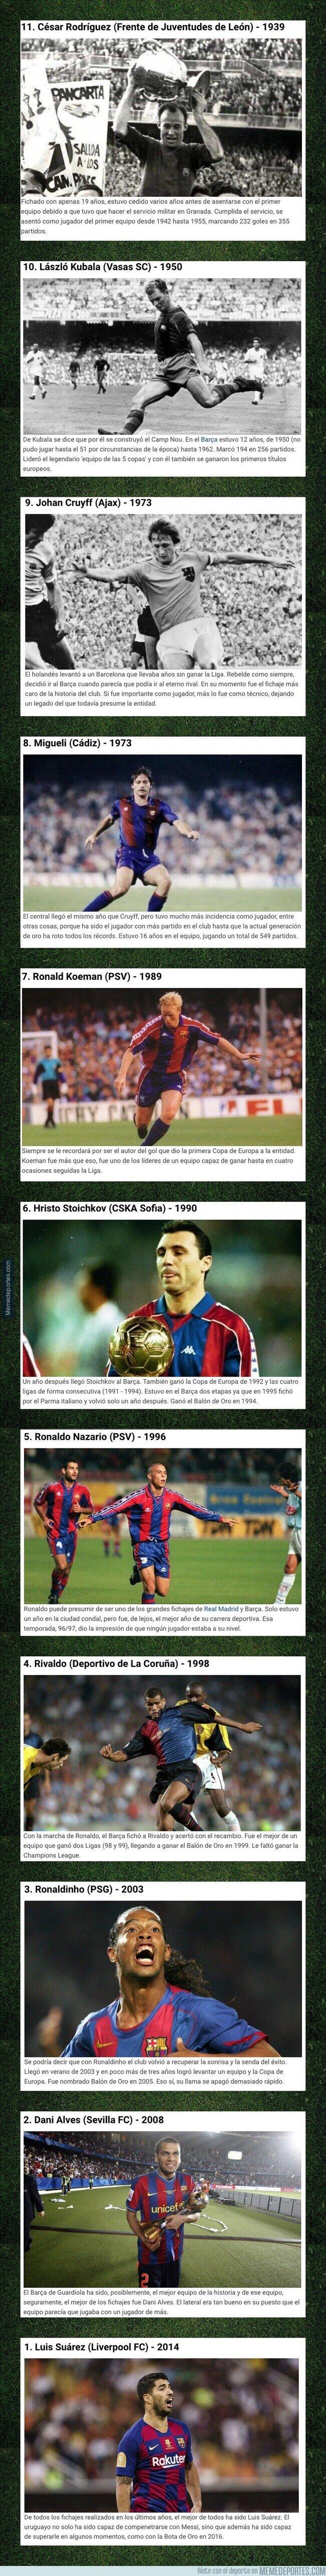 1100121 - Estos son por lejos los mejores fichajes que ha hecho el Barça en toda su historia